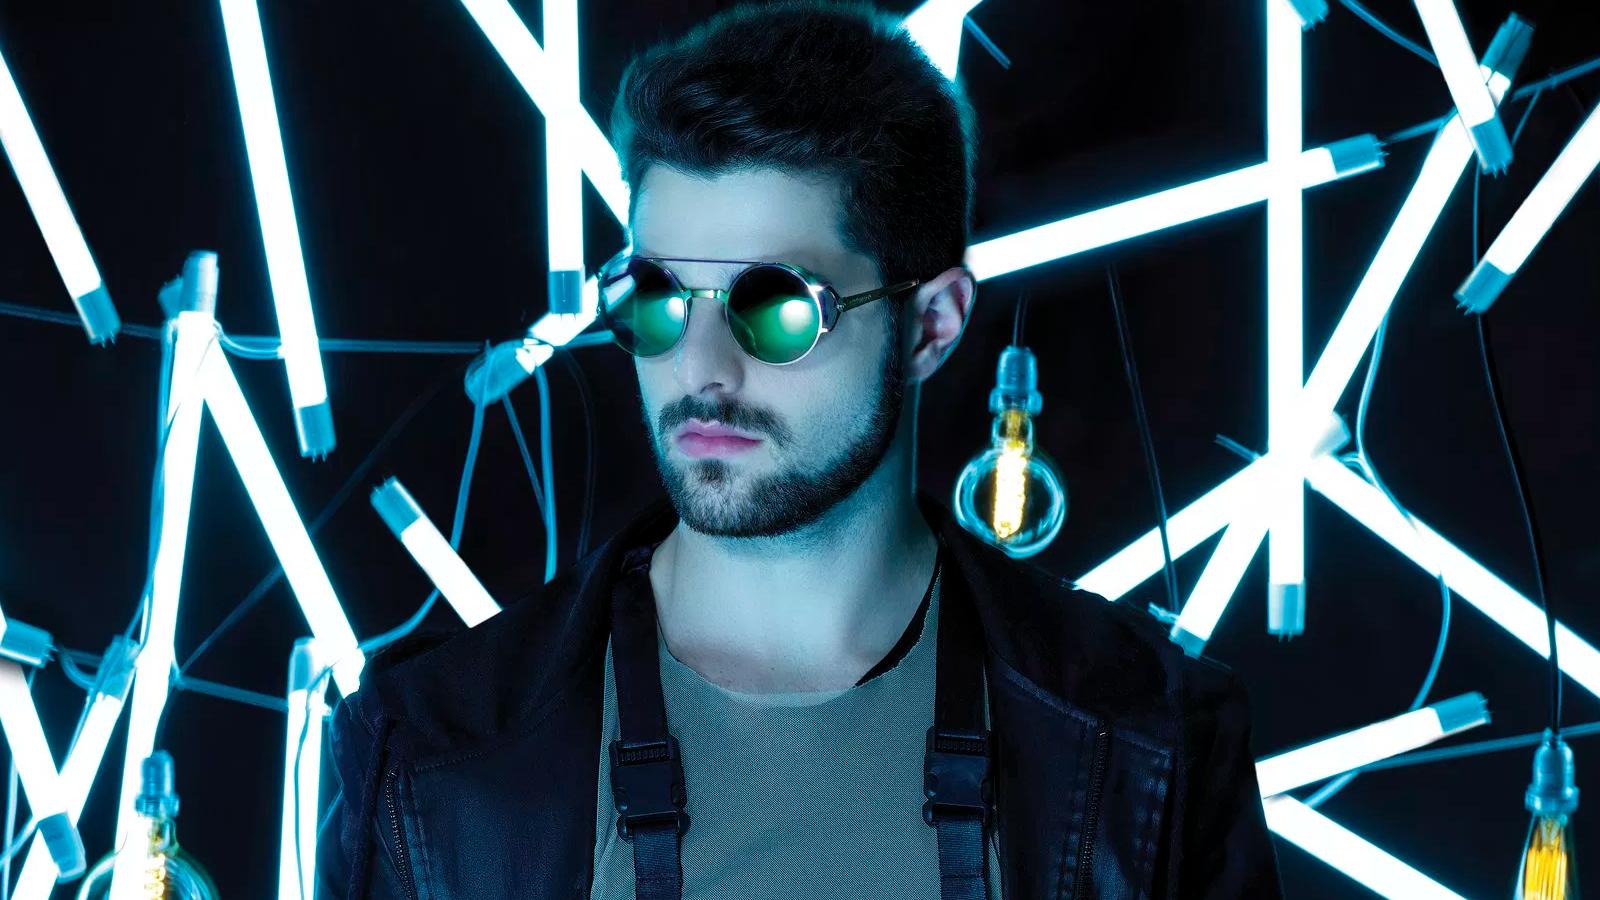 Alok recentemente se tornou o primeiro brasileiro a bater 100 milhões de audições no Spotify.